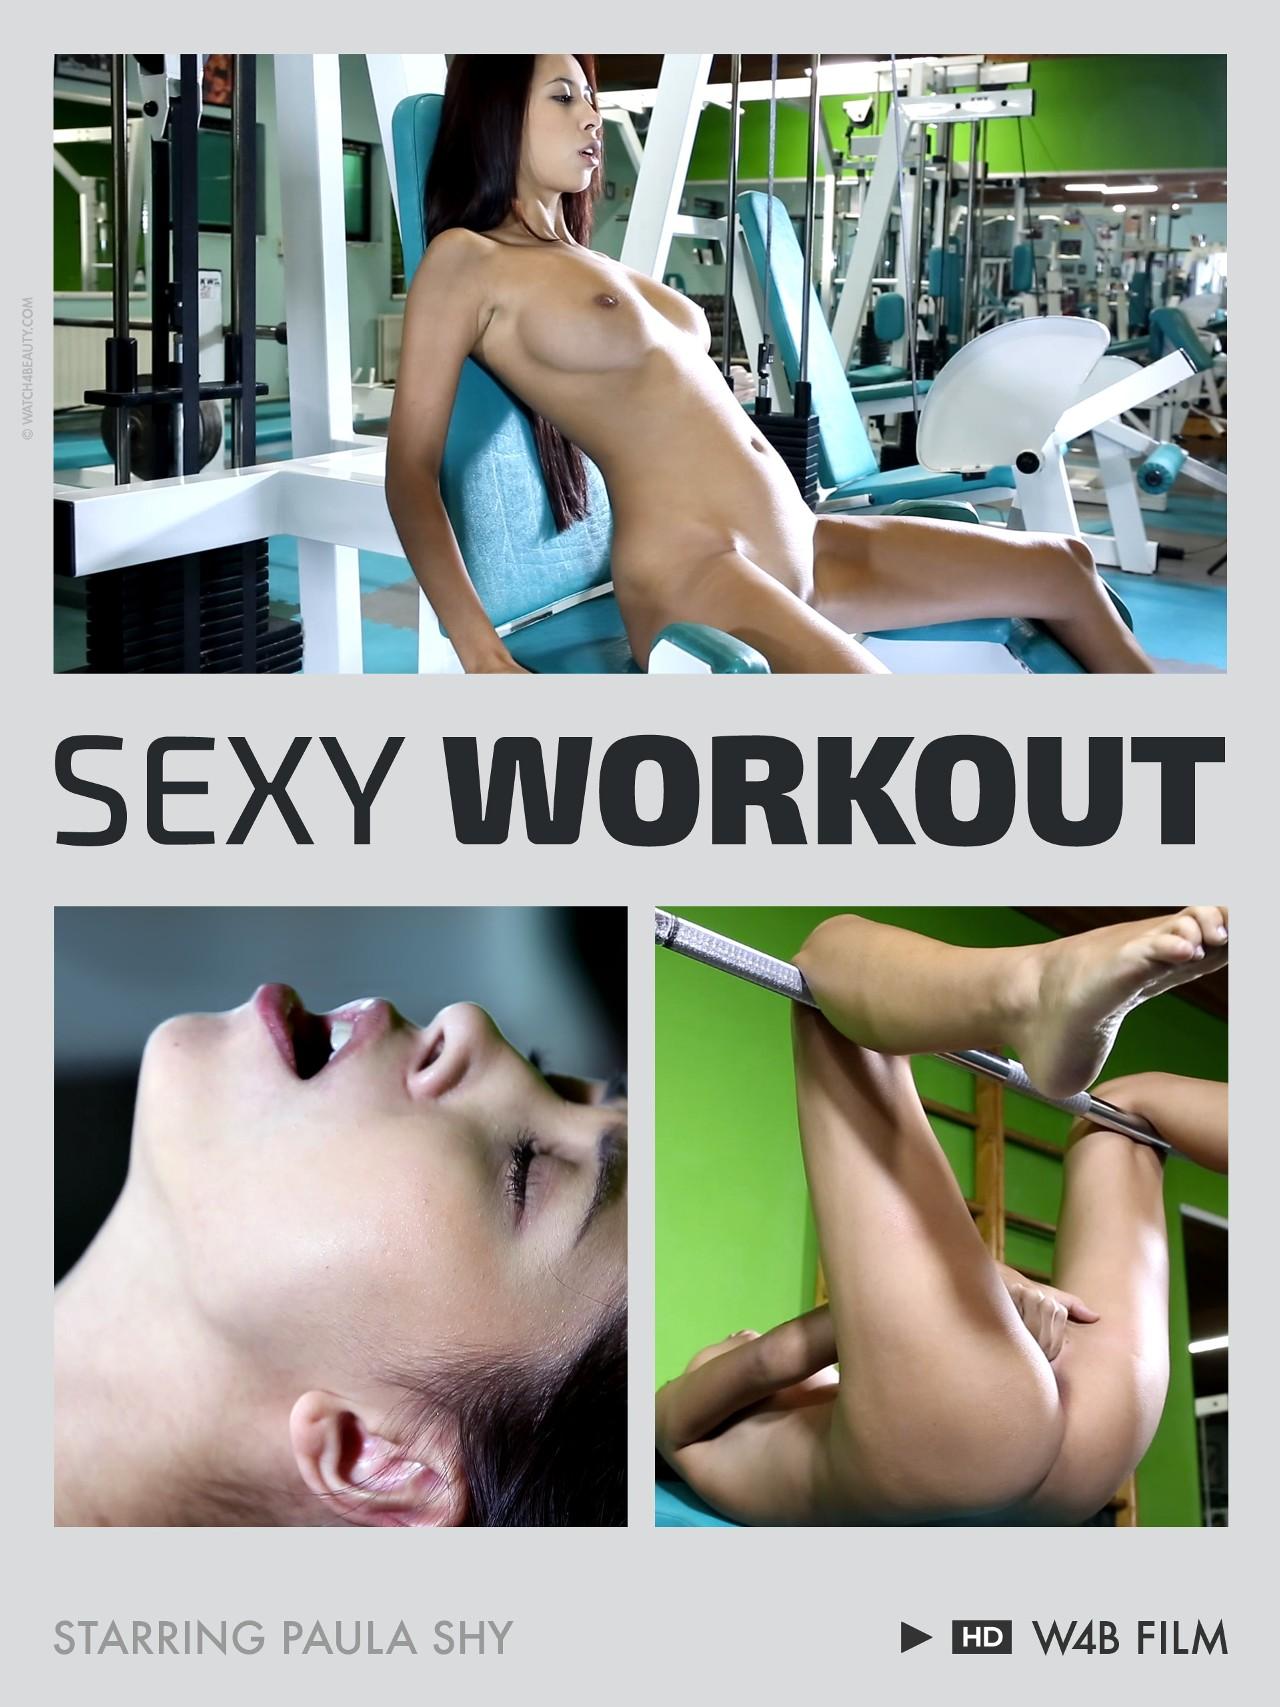 Paula Shy: Sexy workout